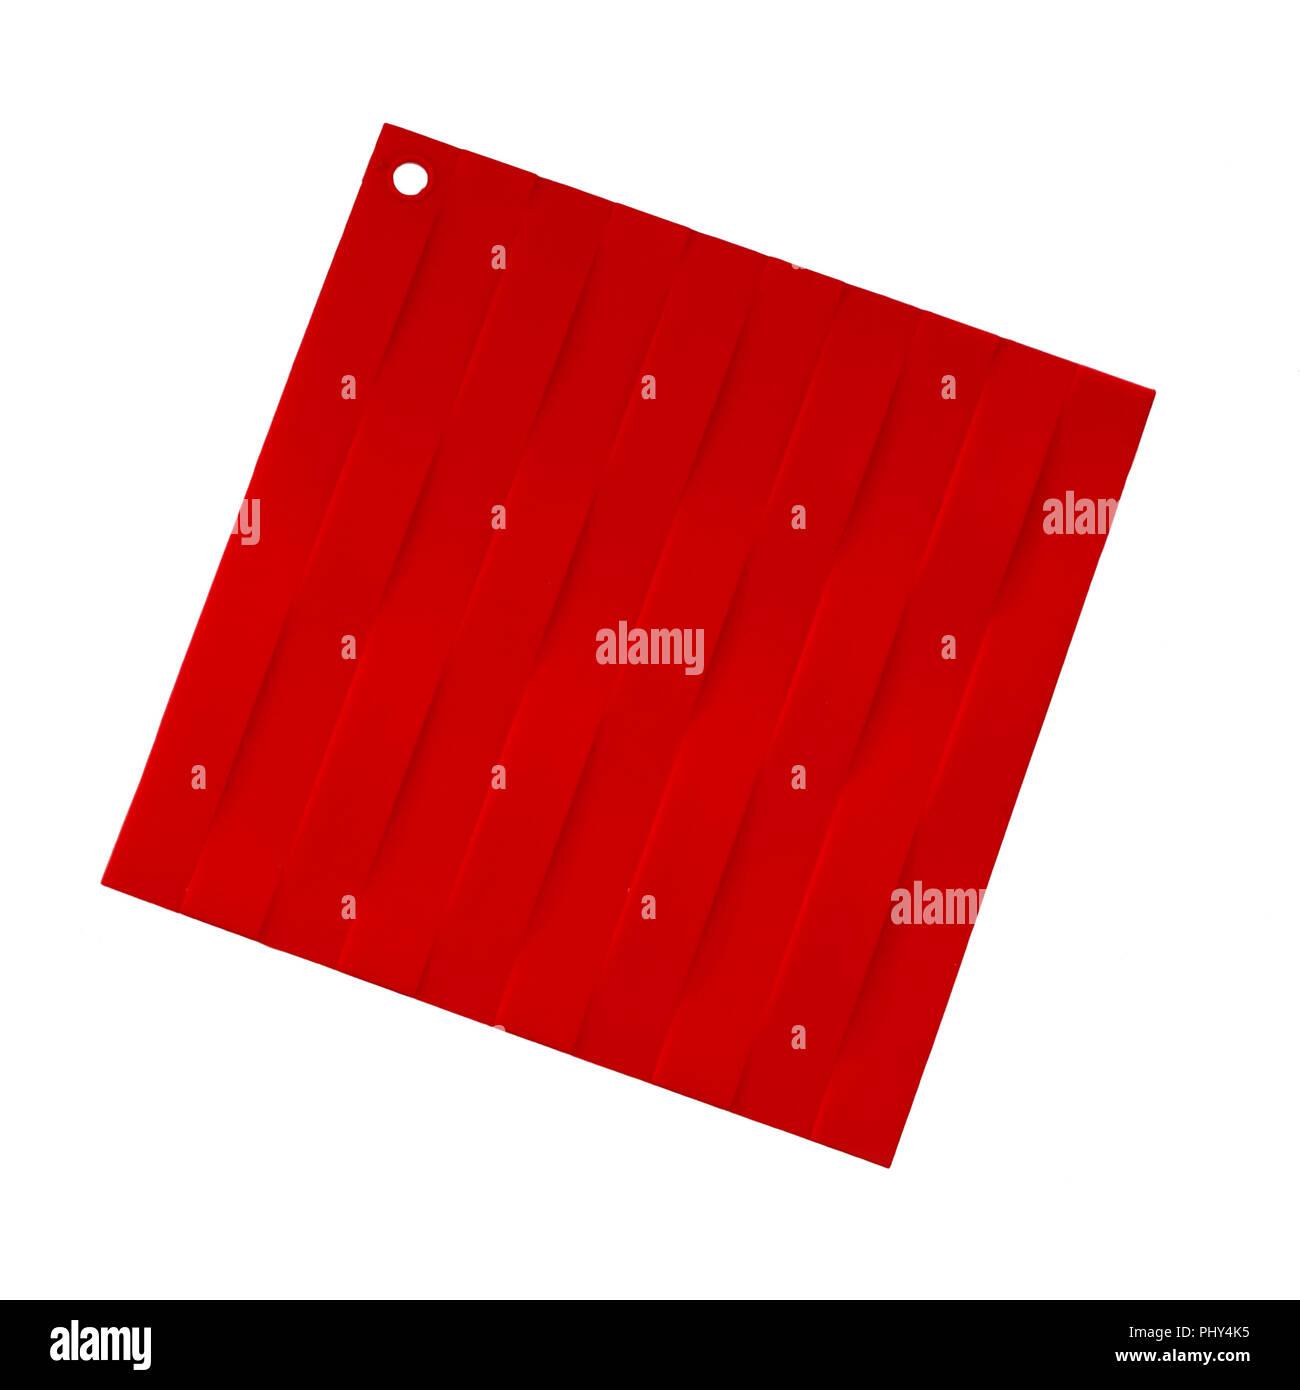 Silicon Stock Photos & Silicon Stock Images - Alamy